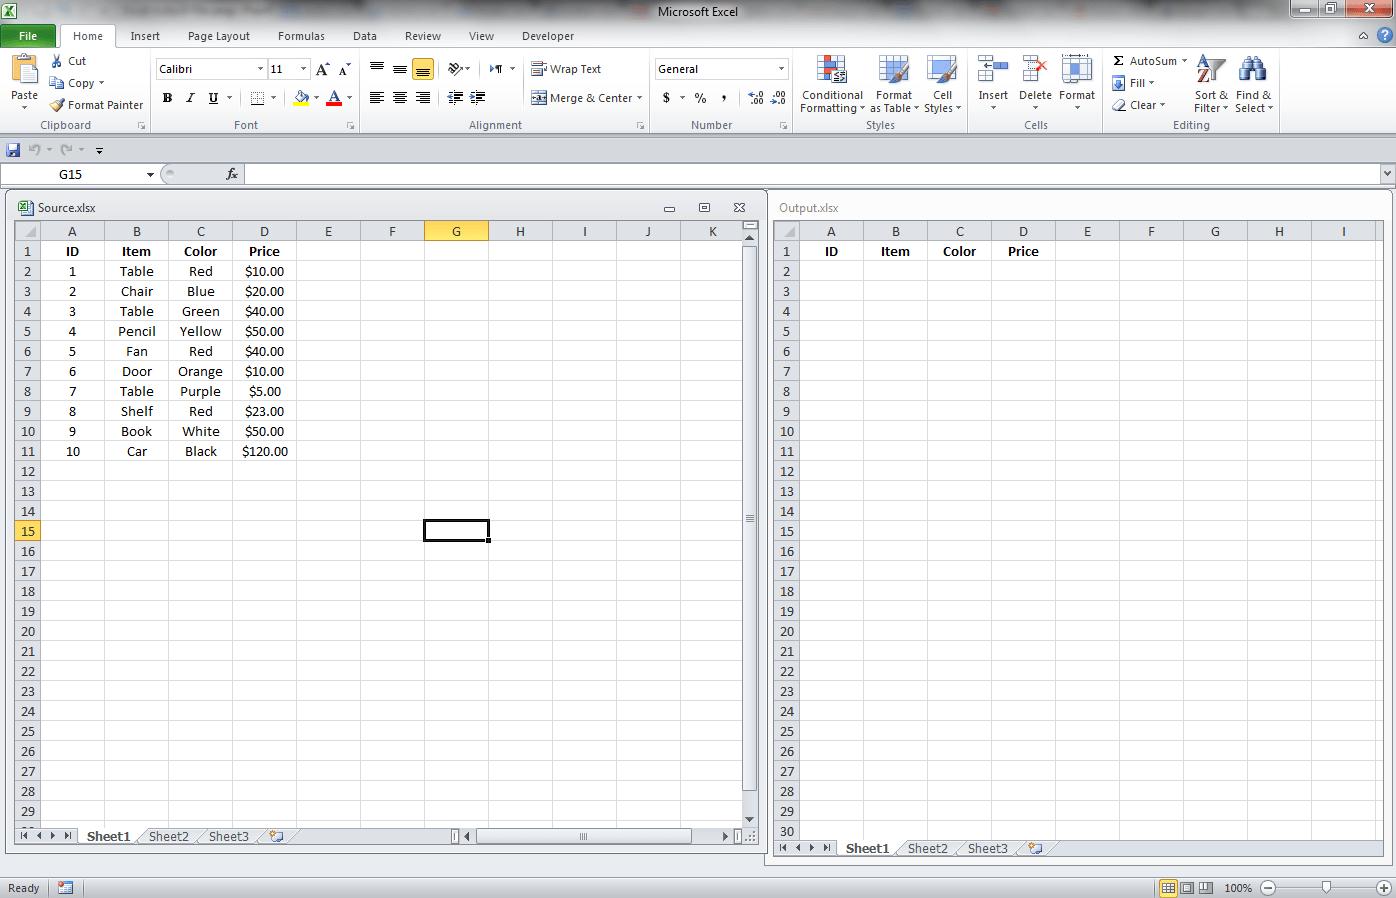 Copy Worksheet Another Workbook Vba